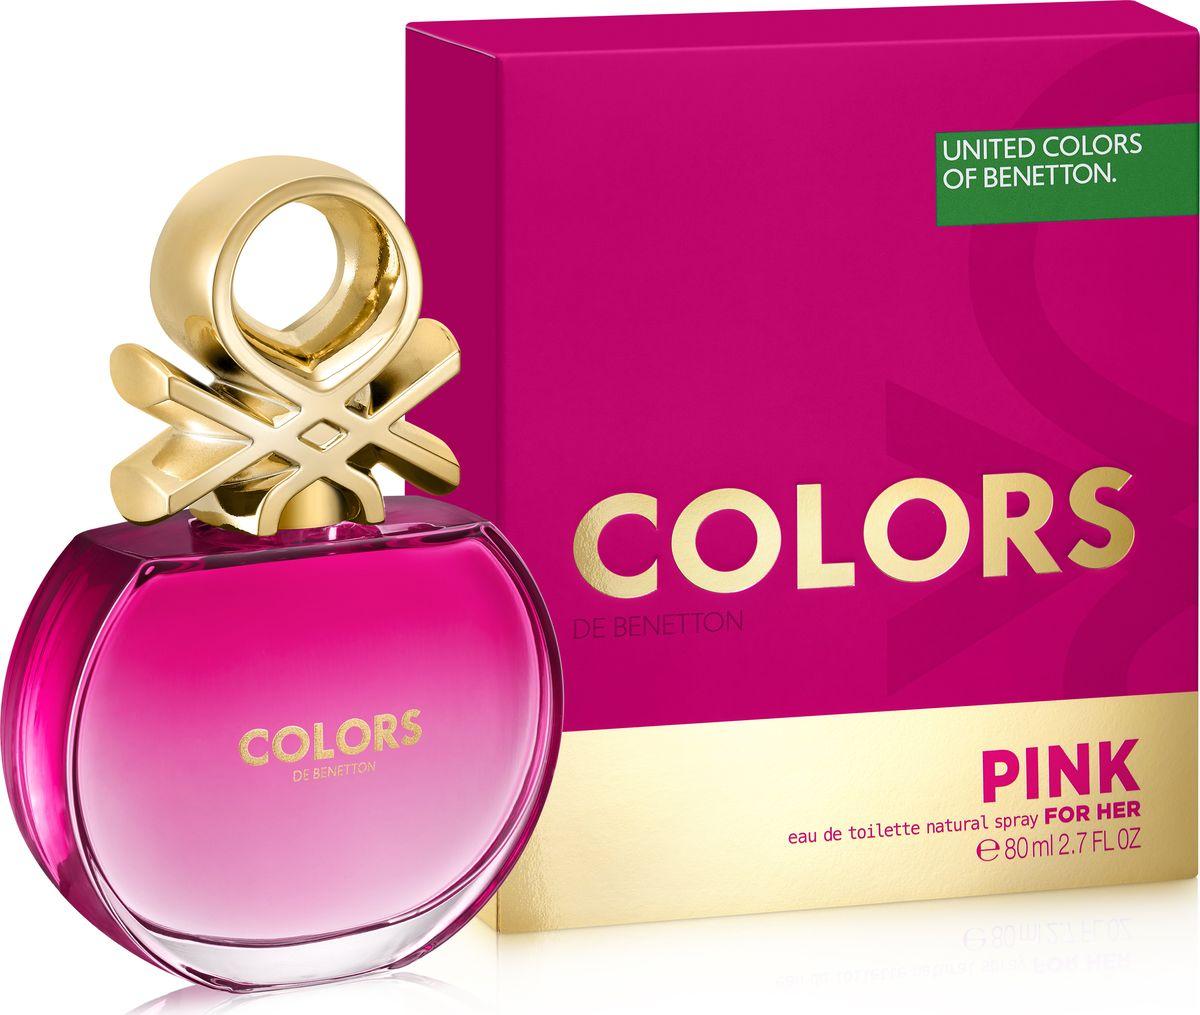 Benetton Colors Pink Туалетная вода женская 80 млDB4010(DB4.510)_белоснежкаЭнергия революции мечтателей началась с UNITED DREAMS и достигла своей кульминации с женственной и яркой коммуникацией DREAM BIG «С НОВЫМИ МЕЧТАМИ!». Оптимистичный и позитивный призыв от United Colors of Benetton ко всем мечтателям, и тем, кто верит в способность желаний изменить мир к лучшему!Верхняя нота: Бергамот, Мандарин, МаракуйяСредняя нота: Апельсиновый цвет, Роза, ЖасминШлейф: Благородный цветок розы, который создаёт женственный и романтичный нюансНанести на кожу, избегая попадания в глаза.